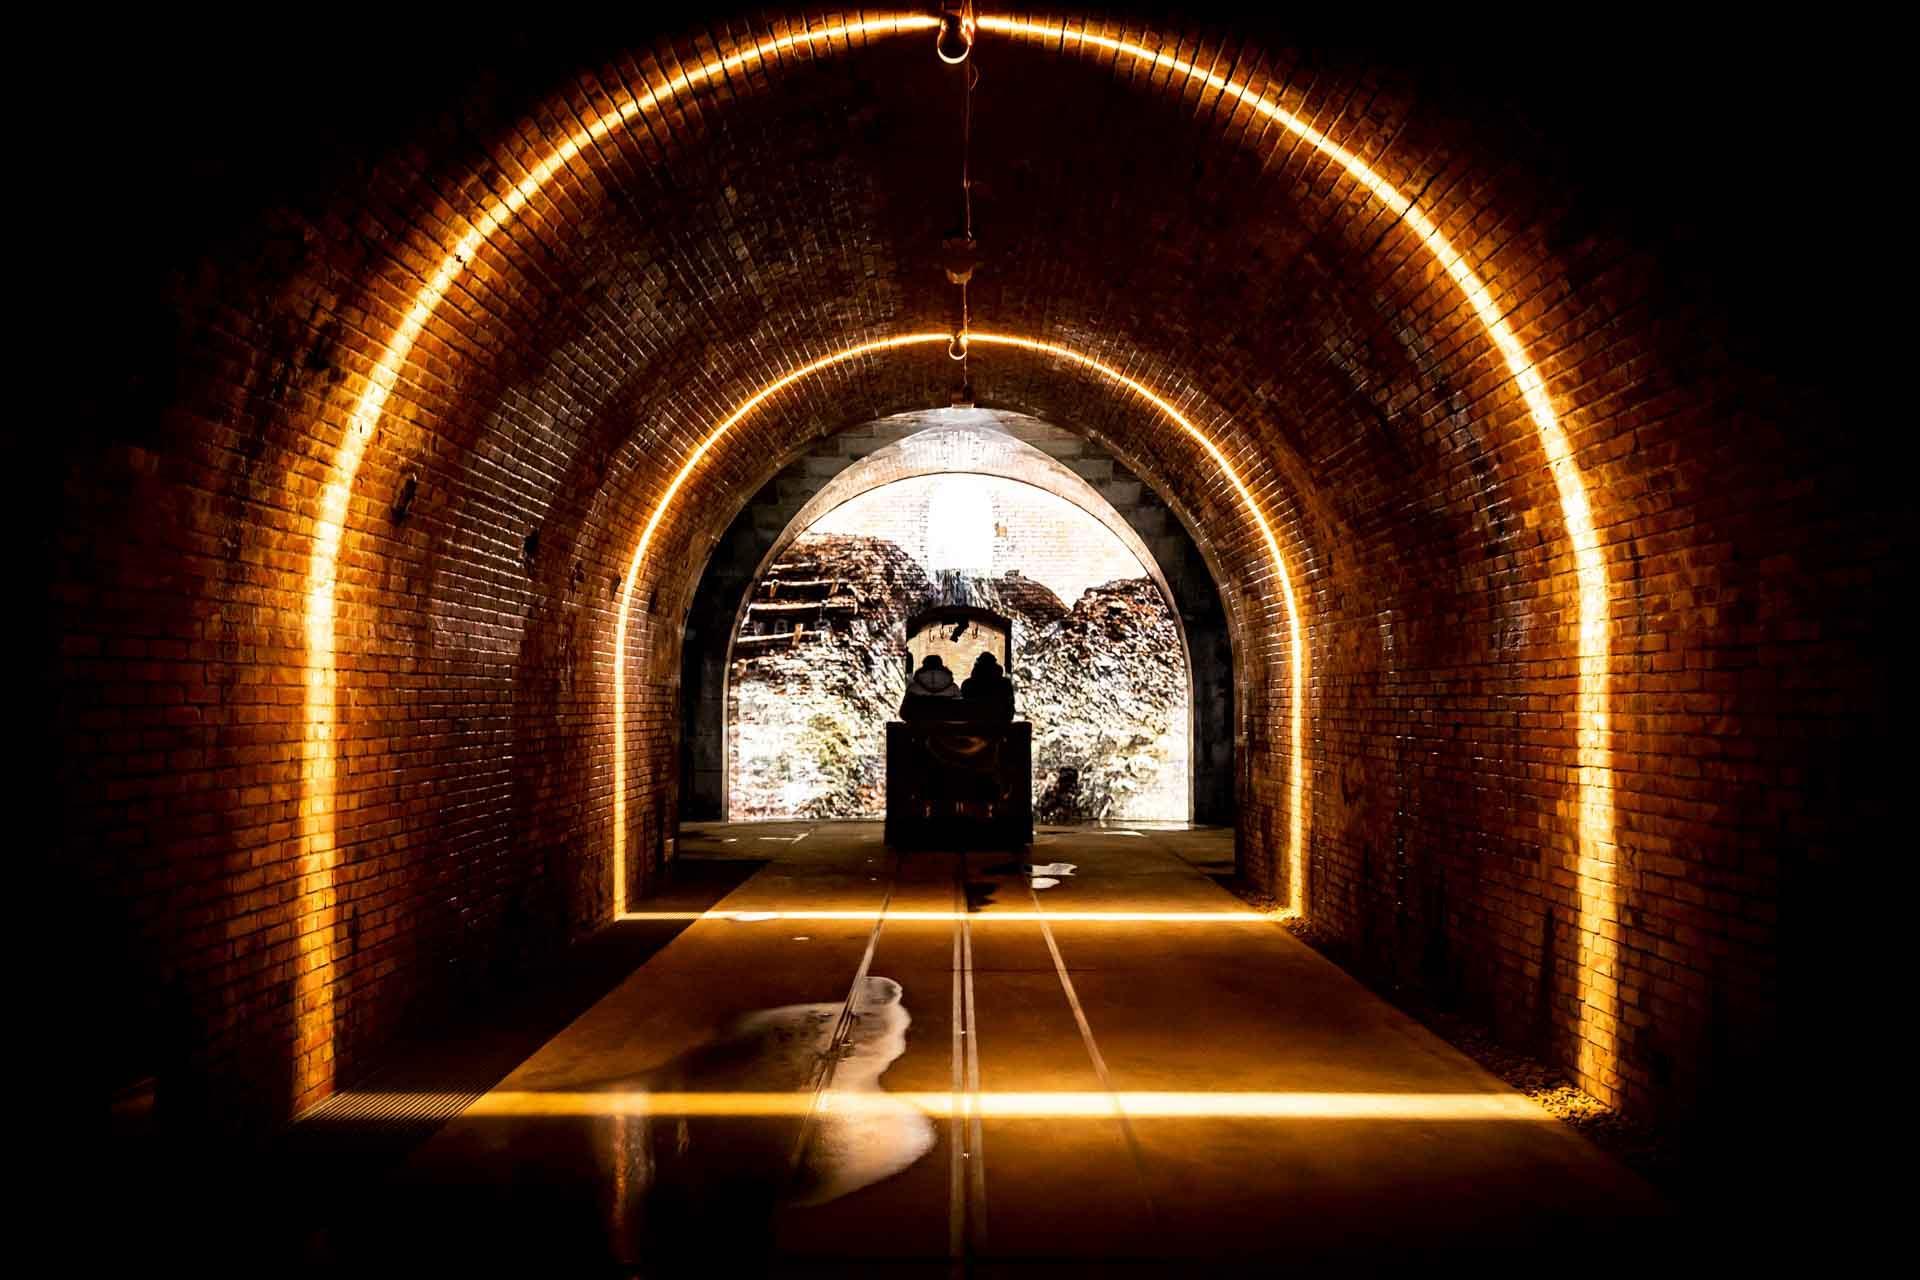 Projections, vidéos et effets lumineux enrichissent l'expérience dans les tunnels souterrains de la Citadelle © Grand Verdun Anne Schwab Nodée